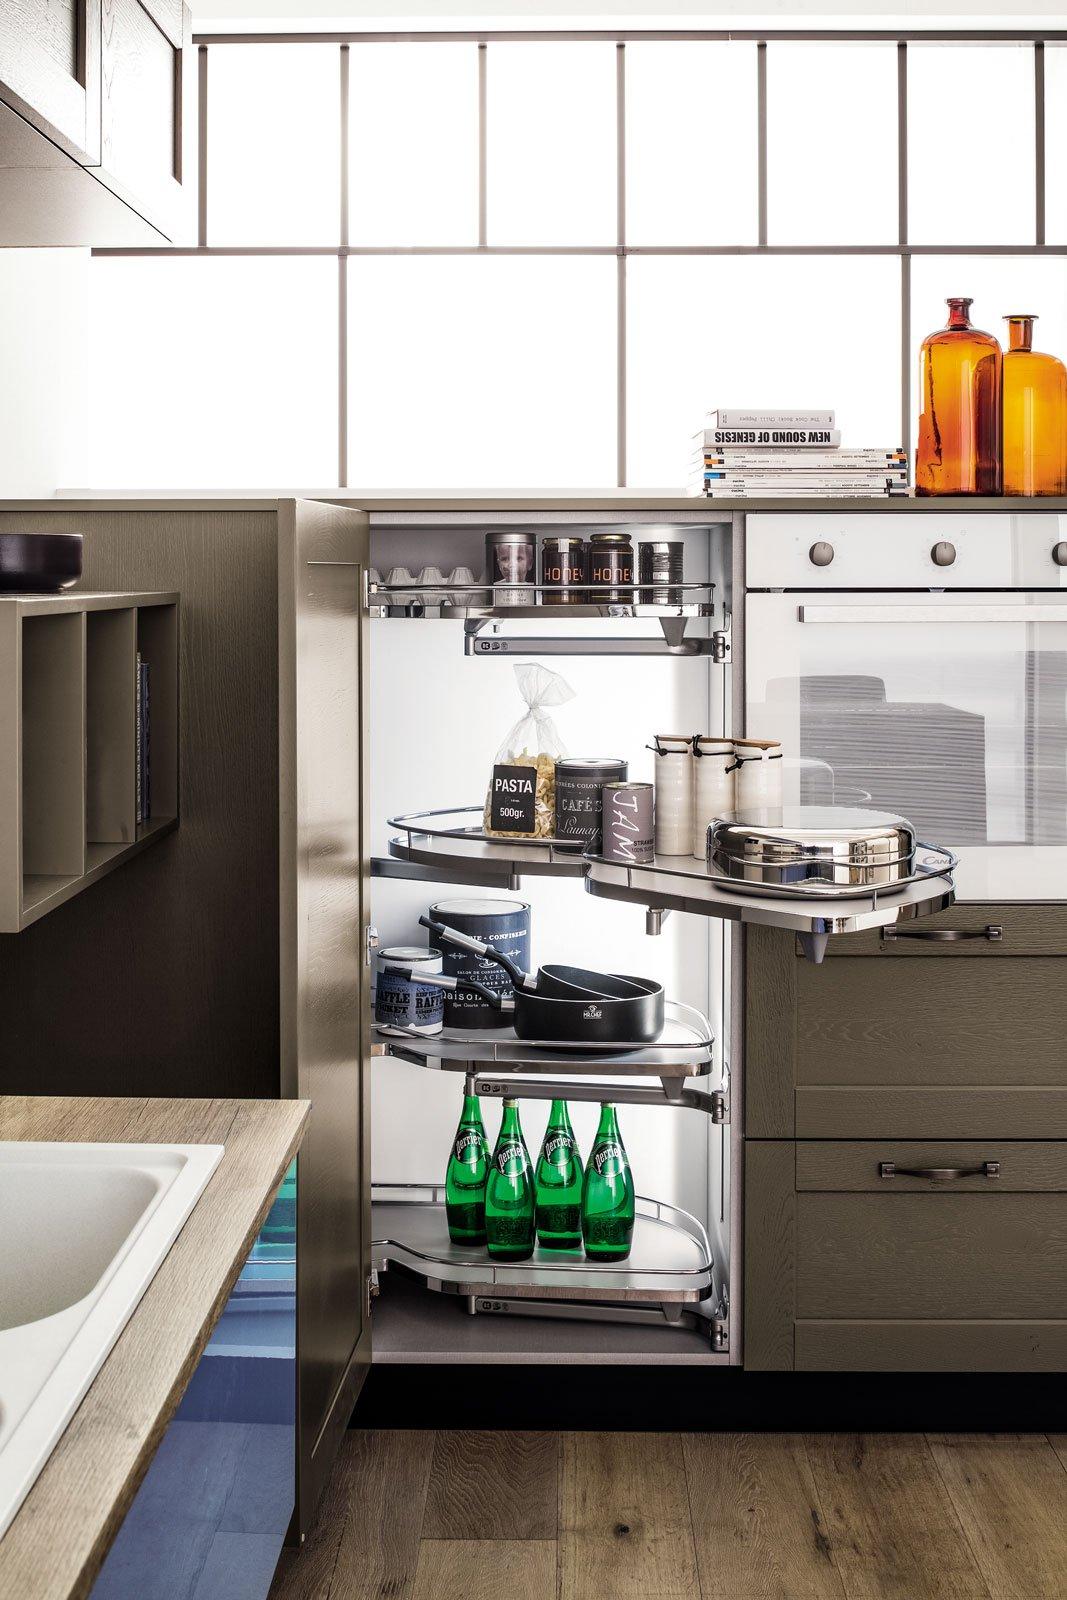 Sfruttare l 39 angolo in cucina cose di casa - Cucine angolari ...